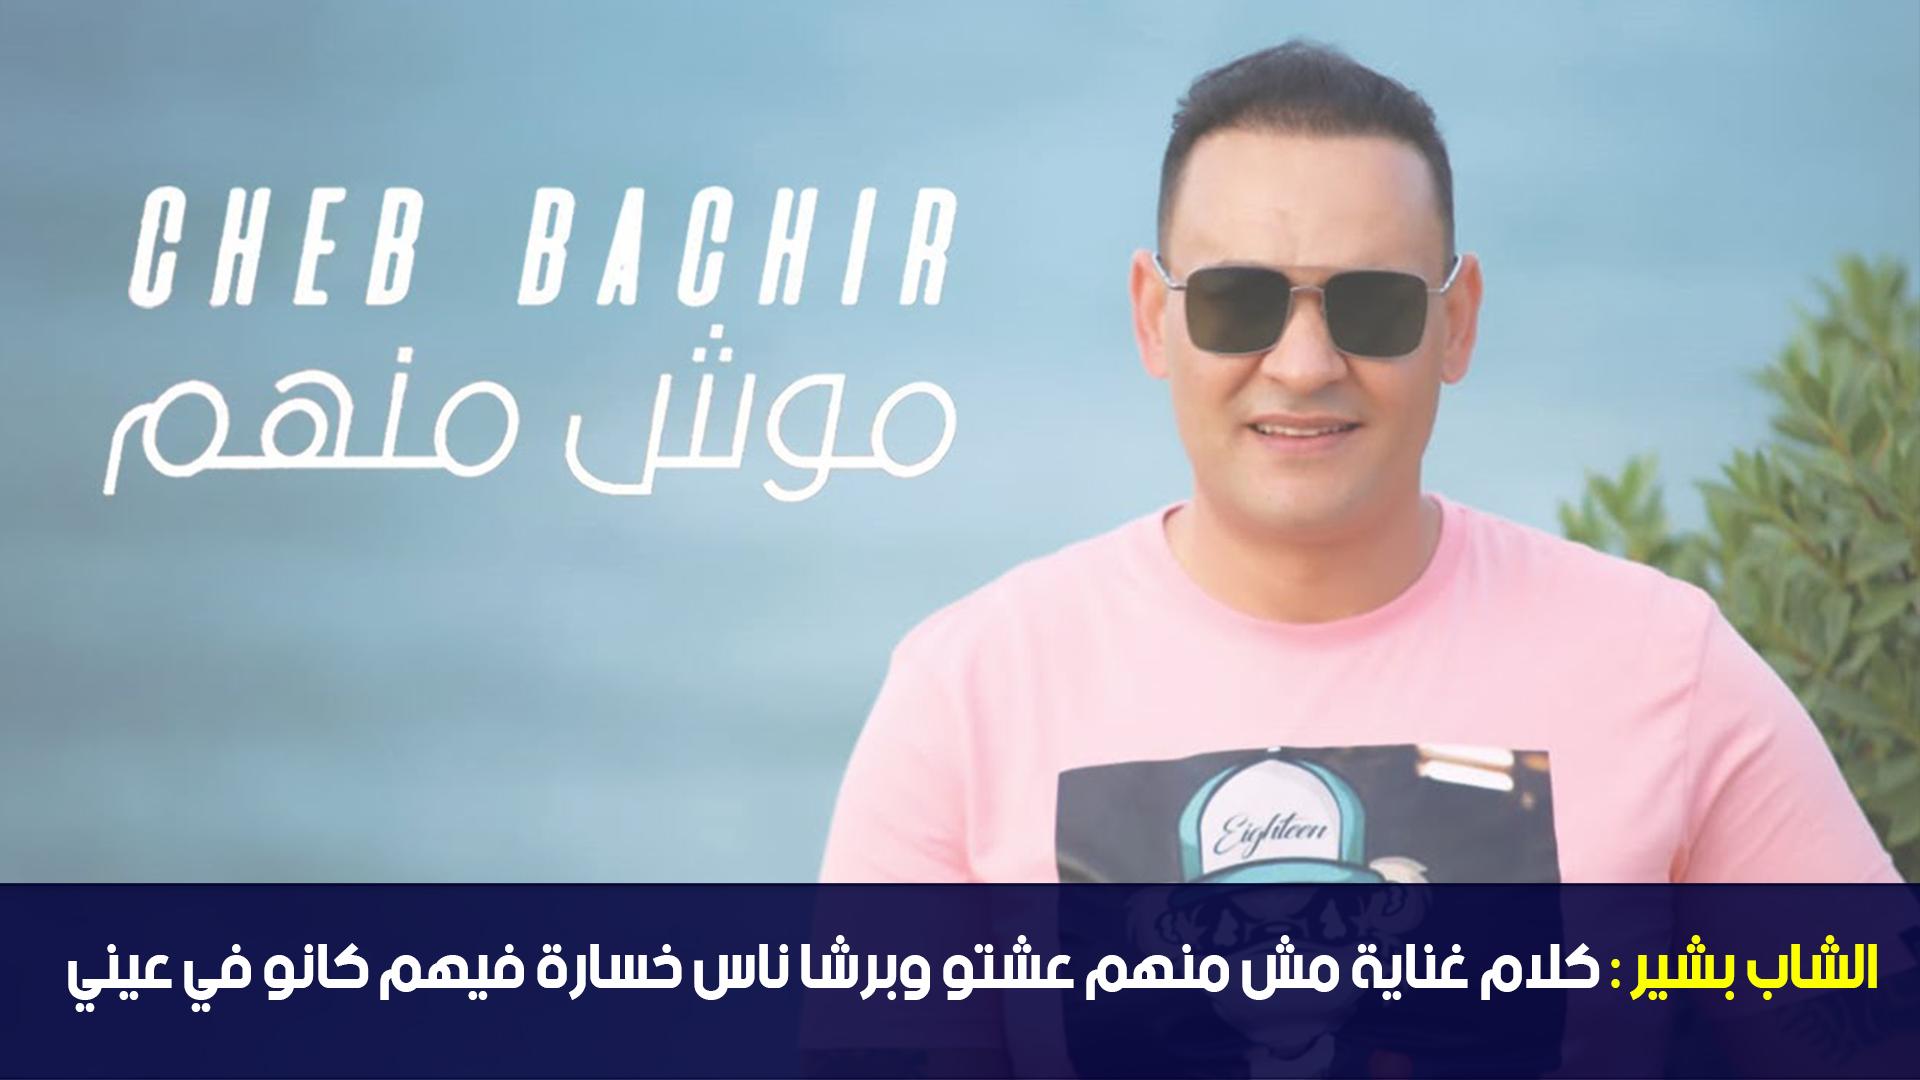 الشاب بشير : كلام غناية مش منهم عشتو وبرشا ناس خسارة فيهم كانو في عيني